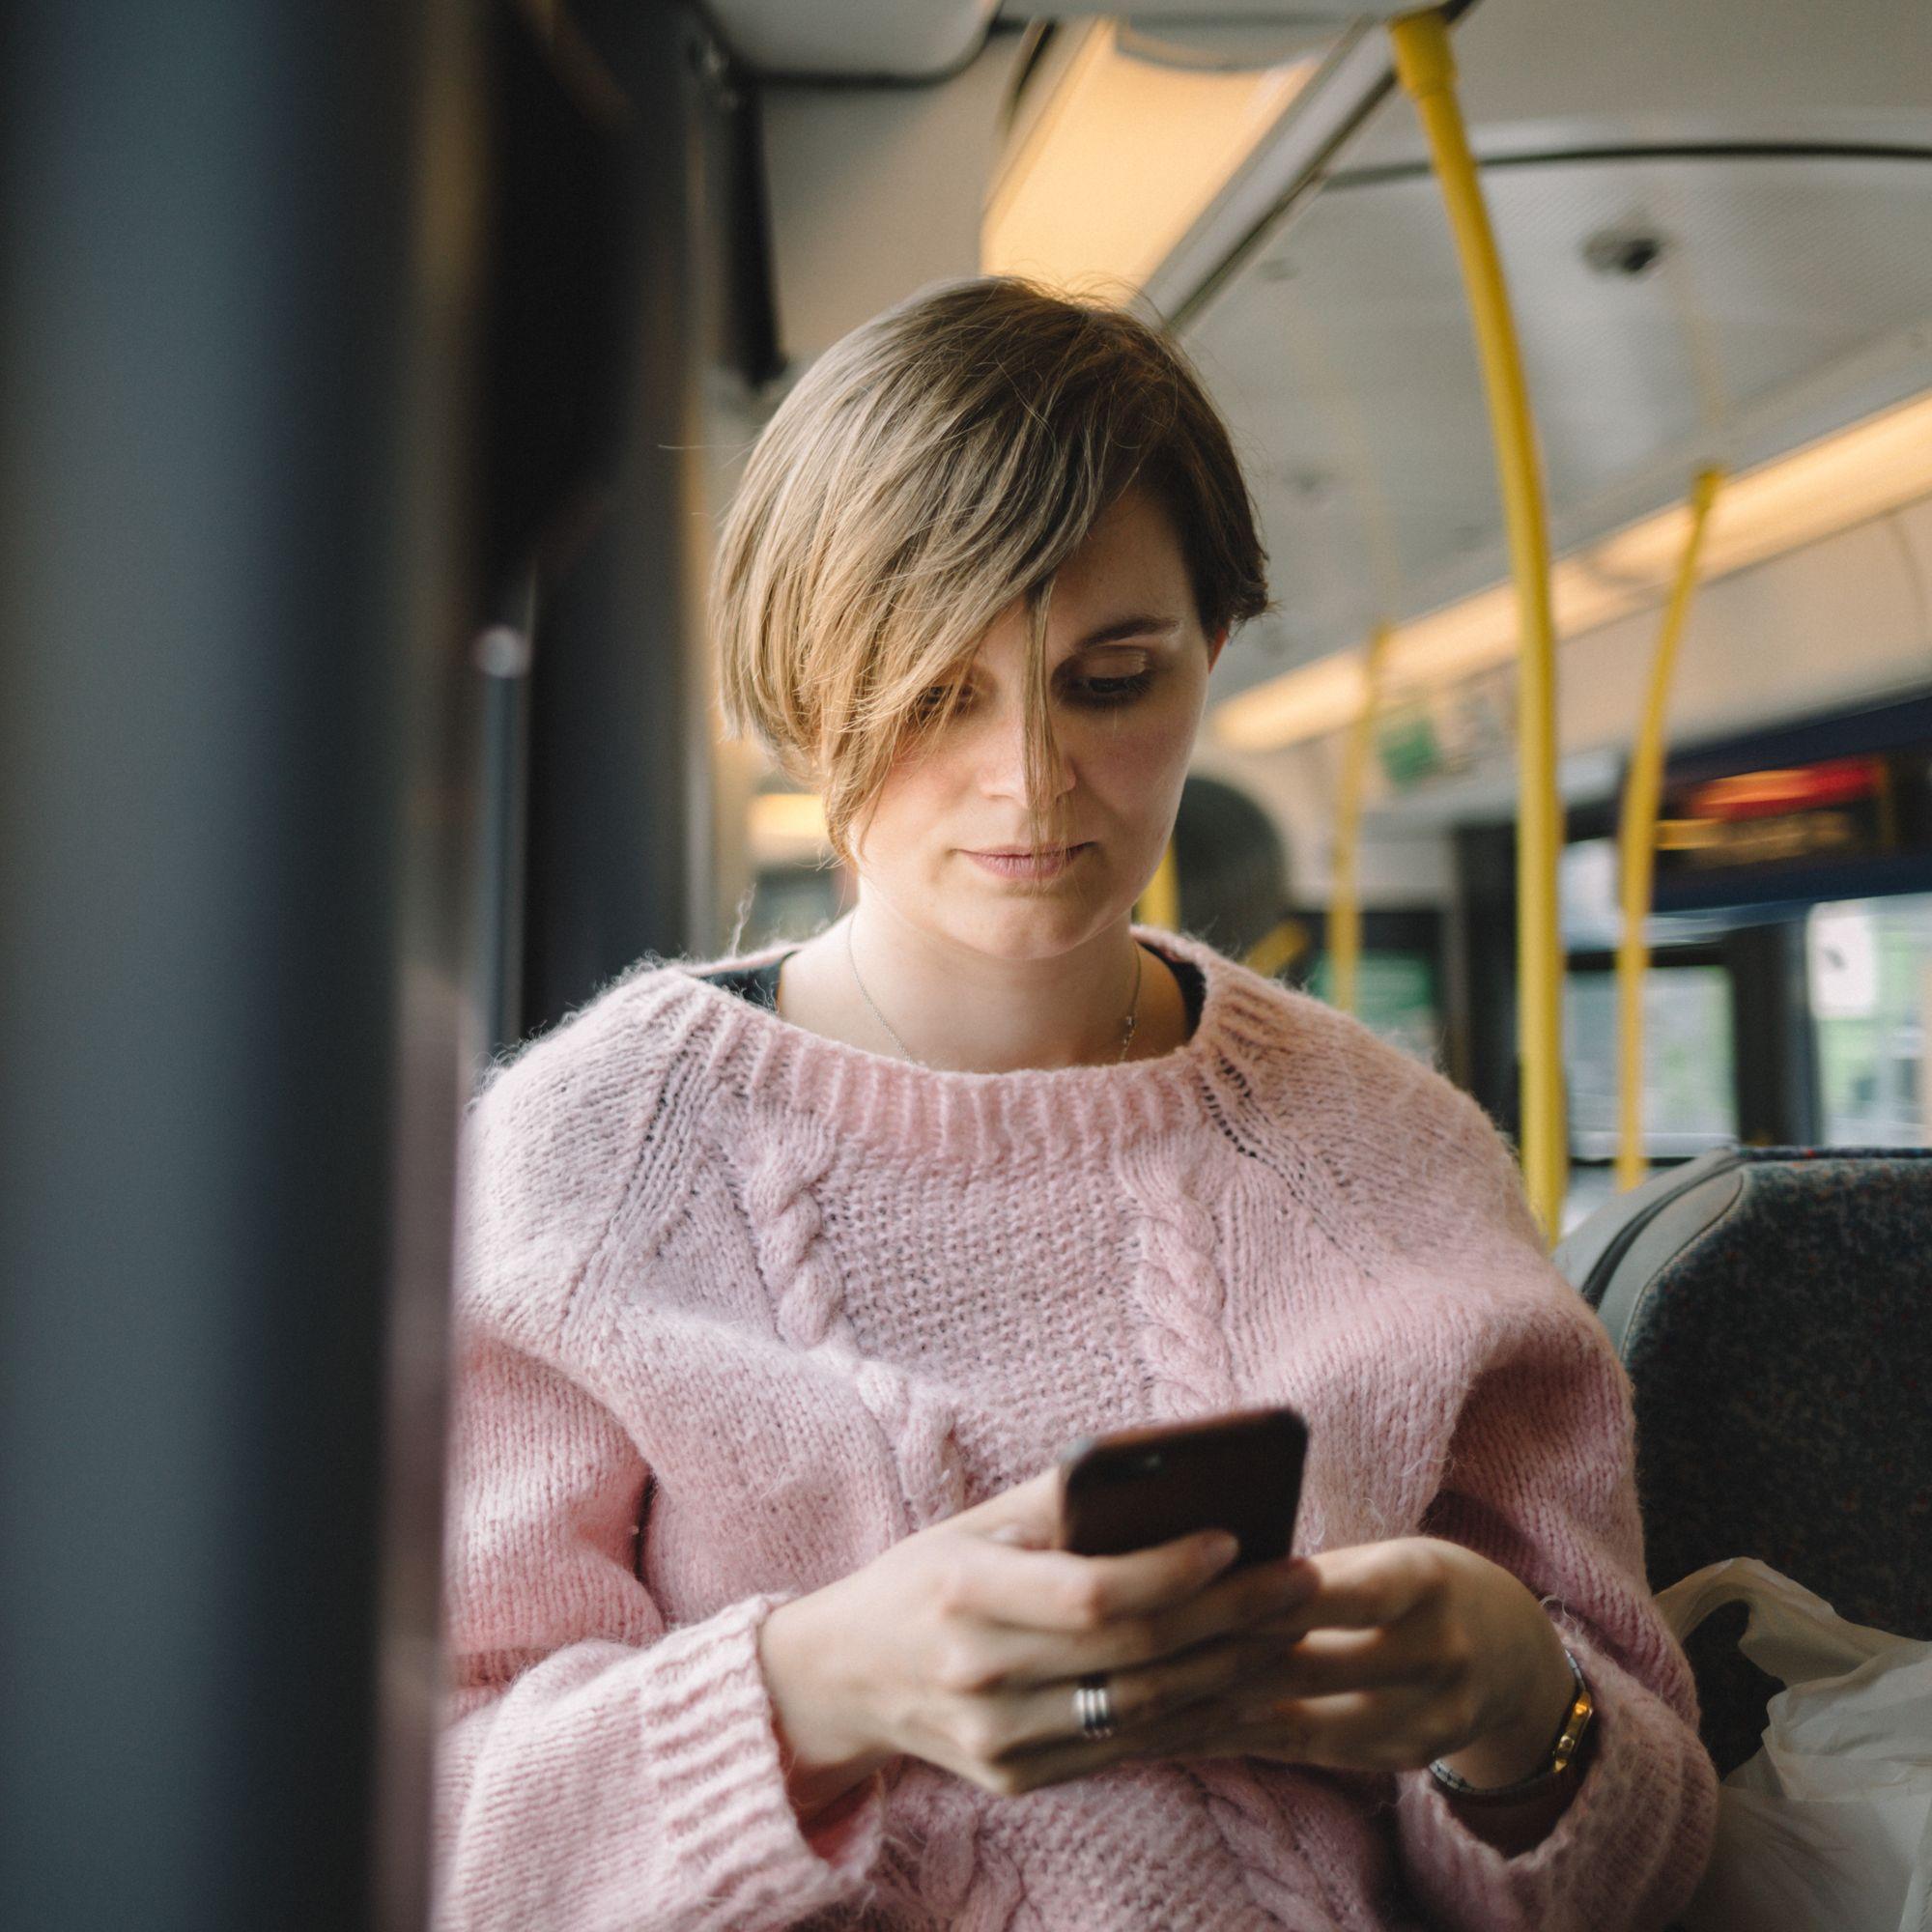 Eksempelbilde: En kvinne som bruker mobil på bussen.